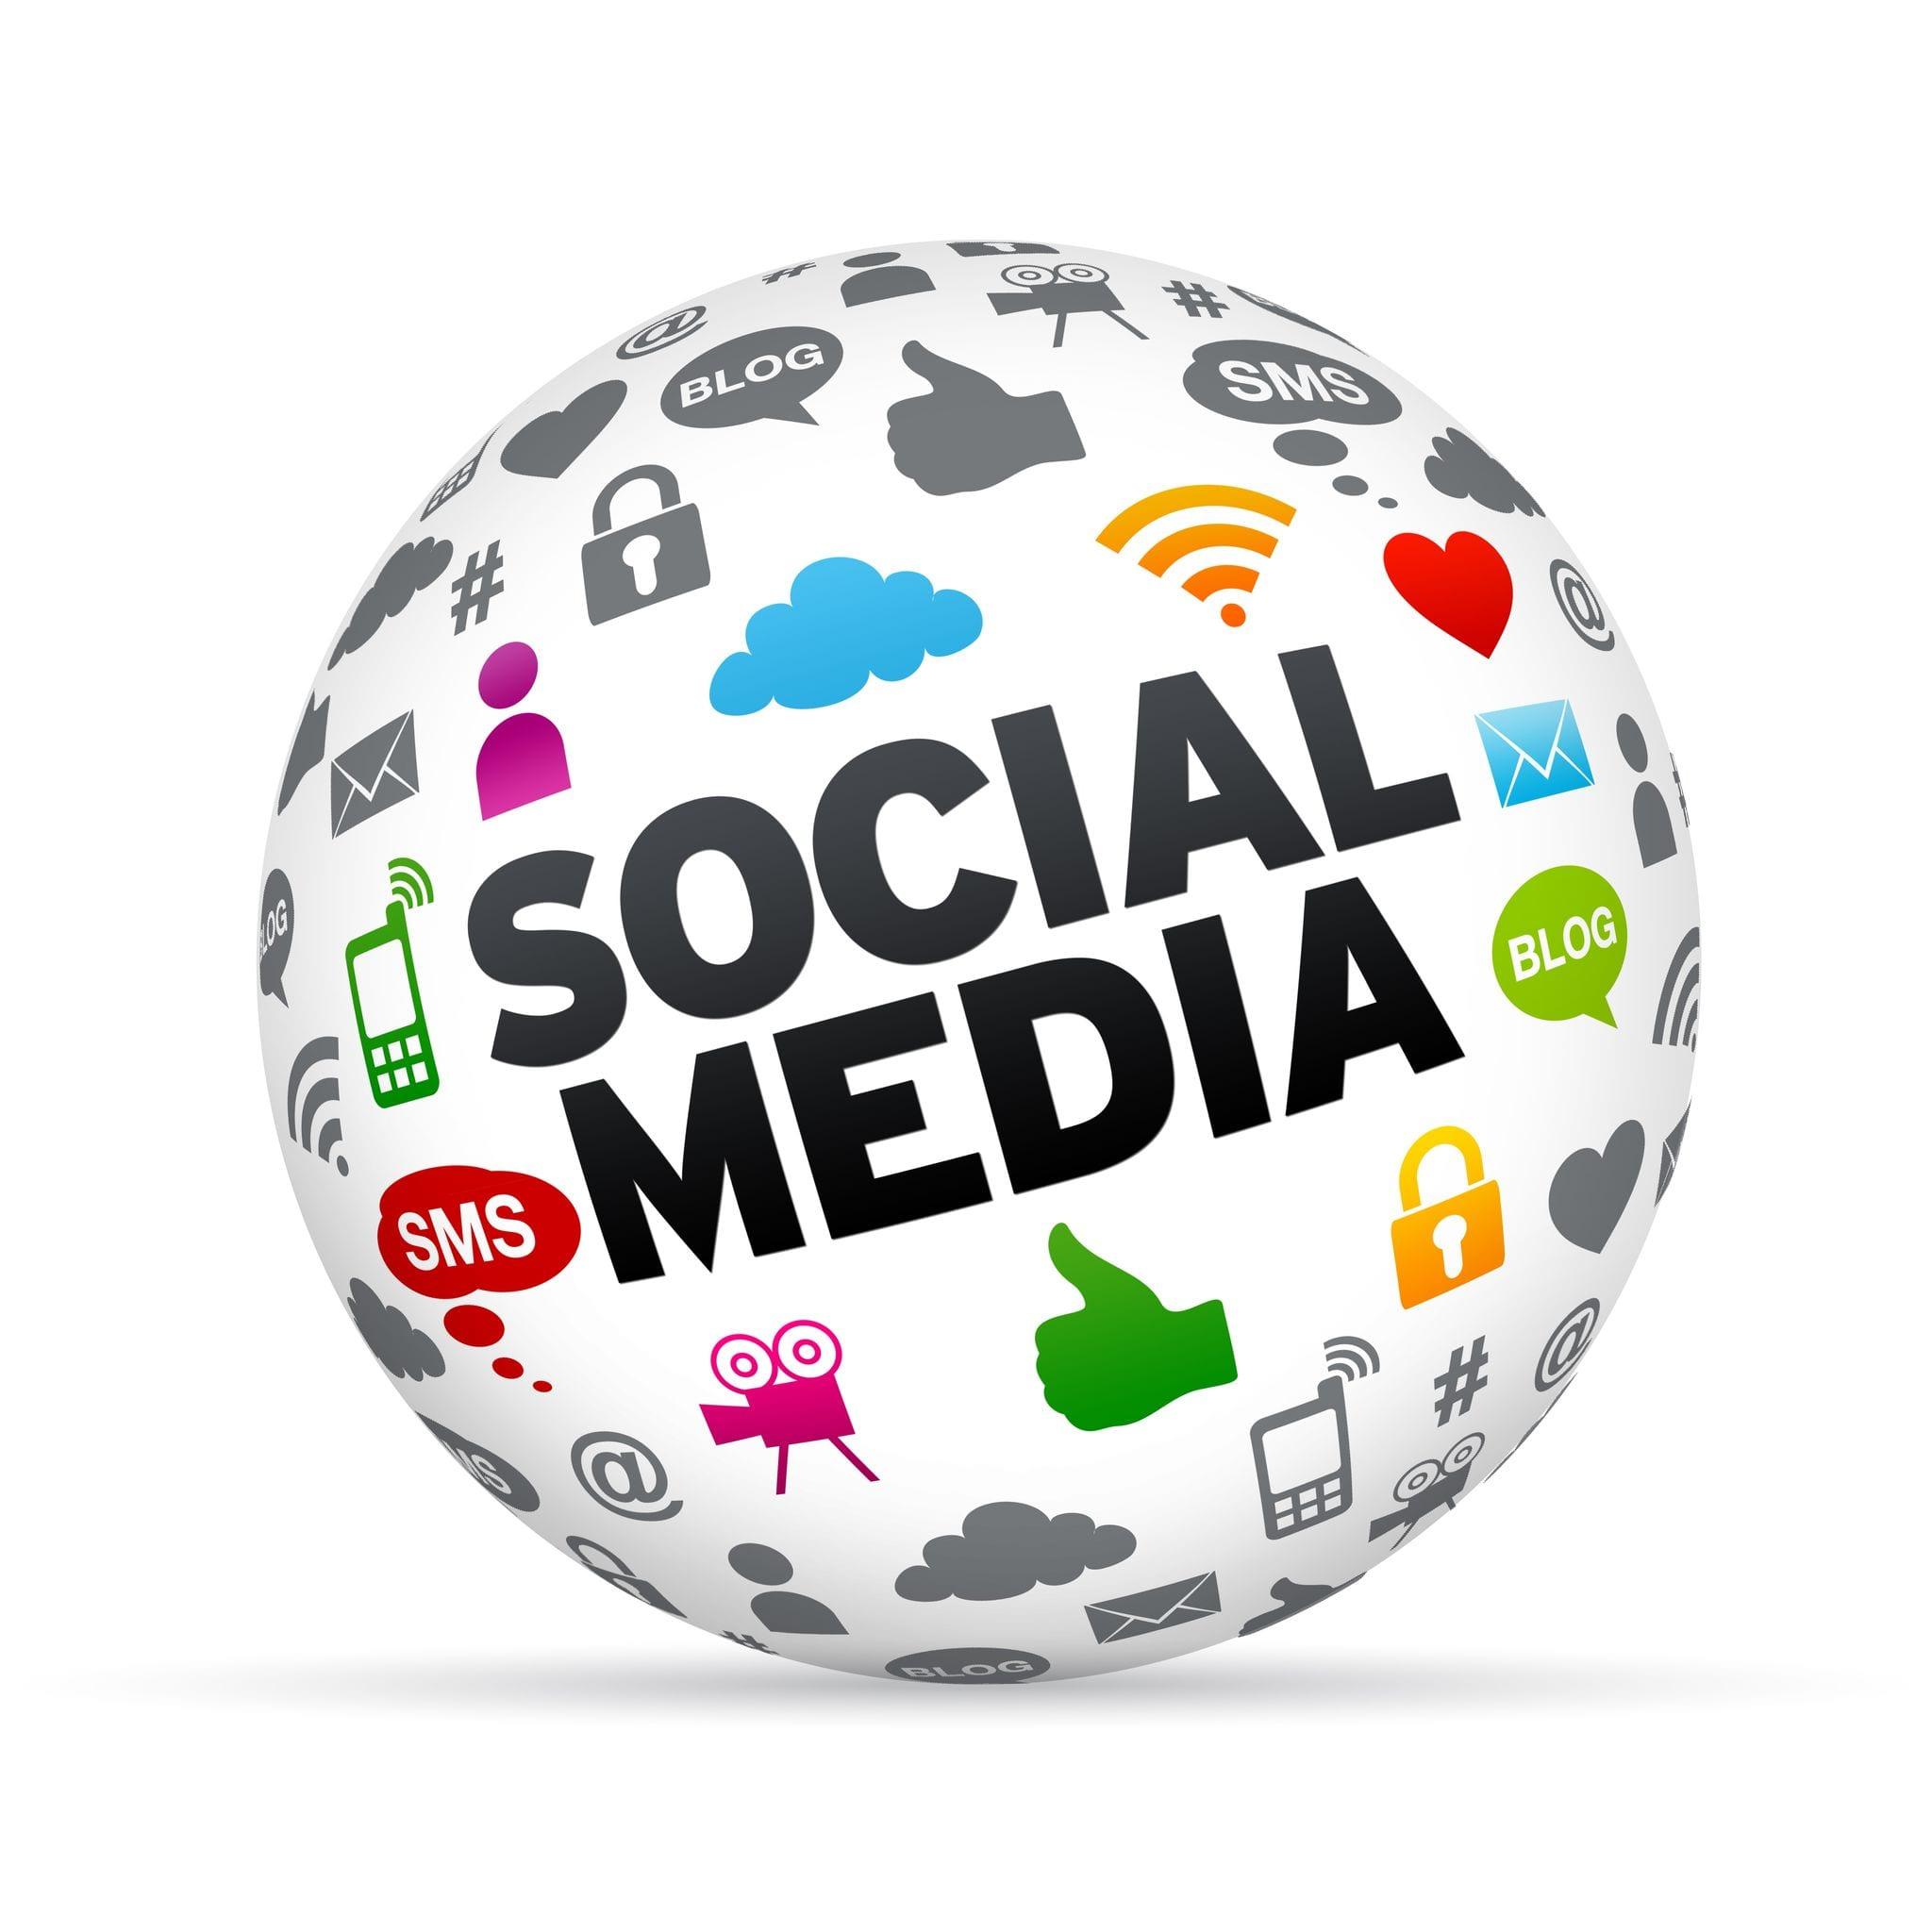 E ticaret ve Sosyal Medya